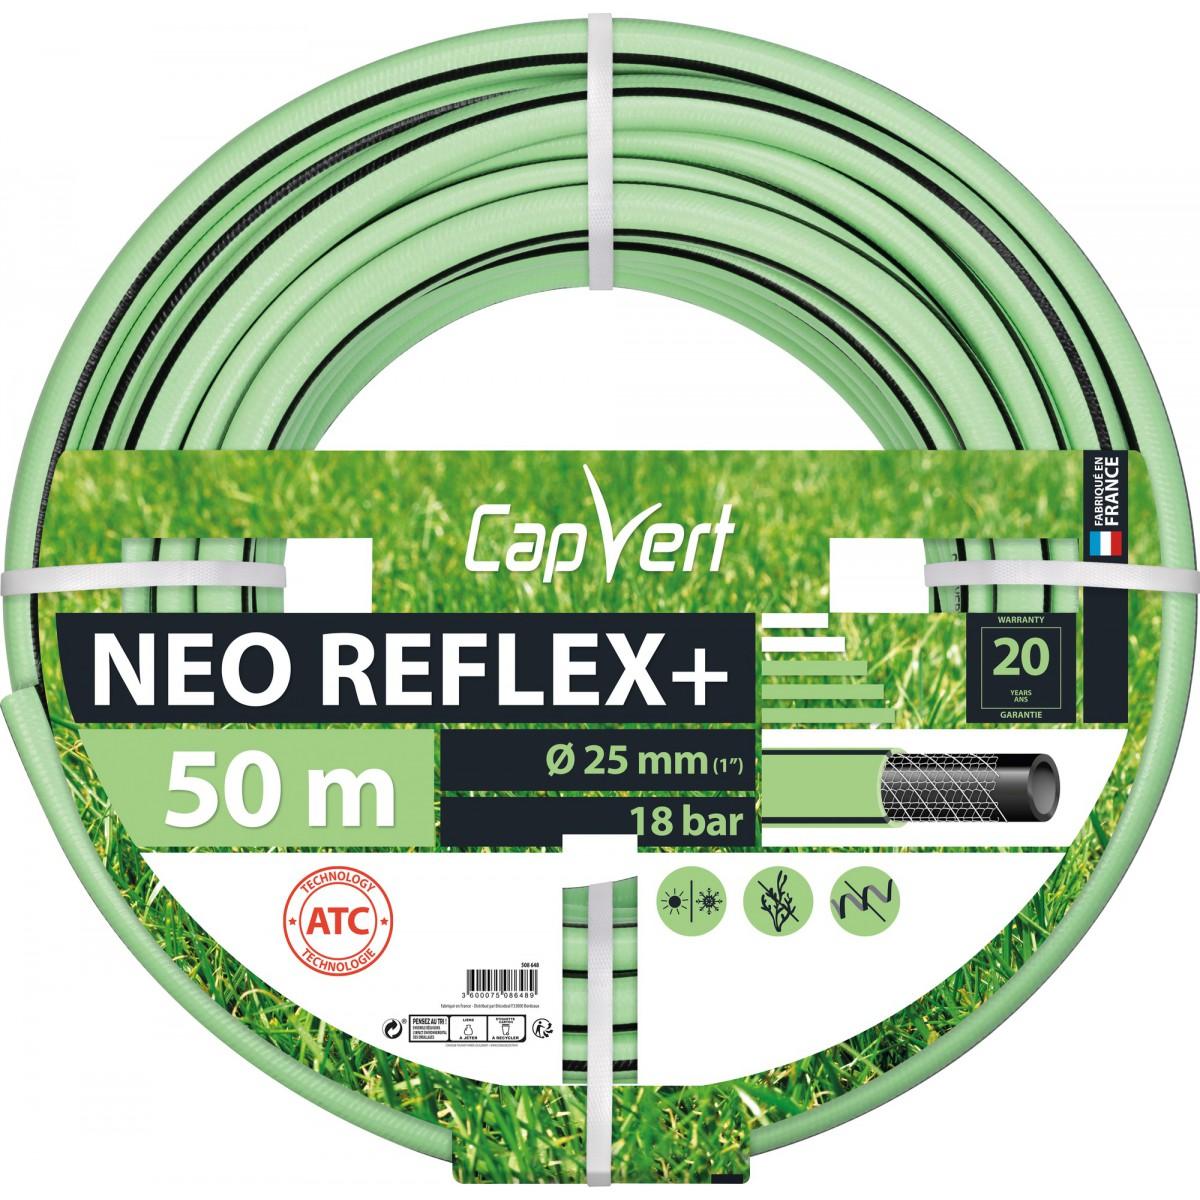 Tuyau d'arrosage Néo Reflex+ Cap Vert -Diamètre 25 mm - Longueur 50 m